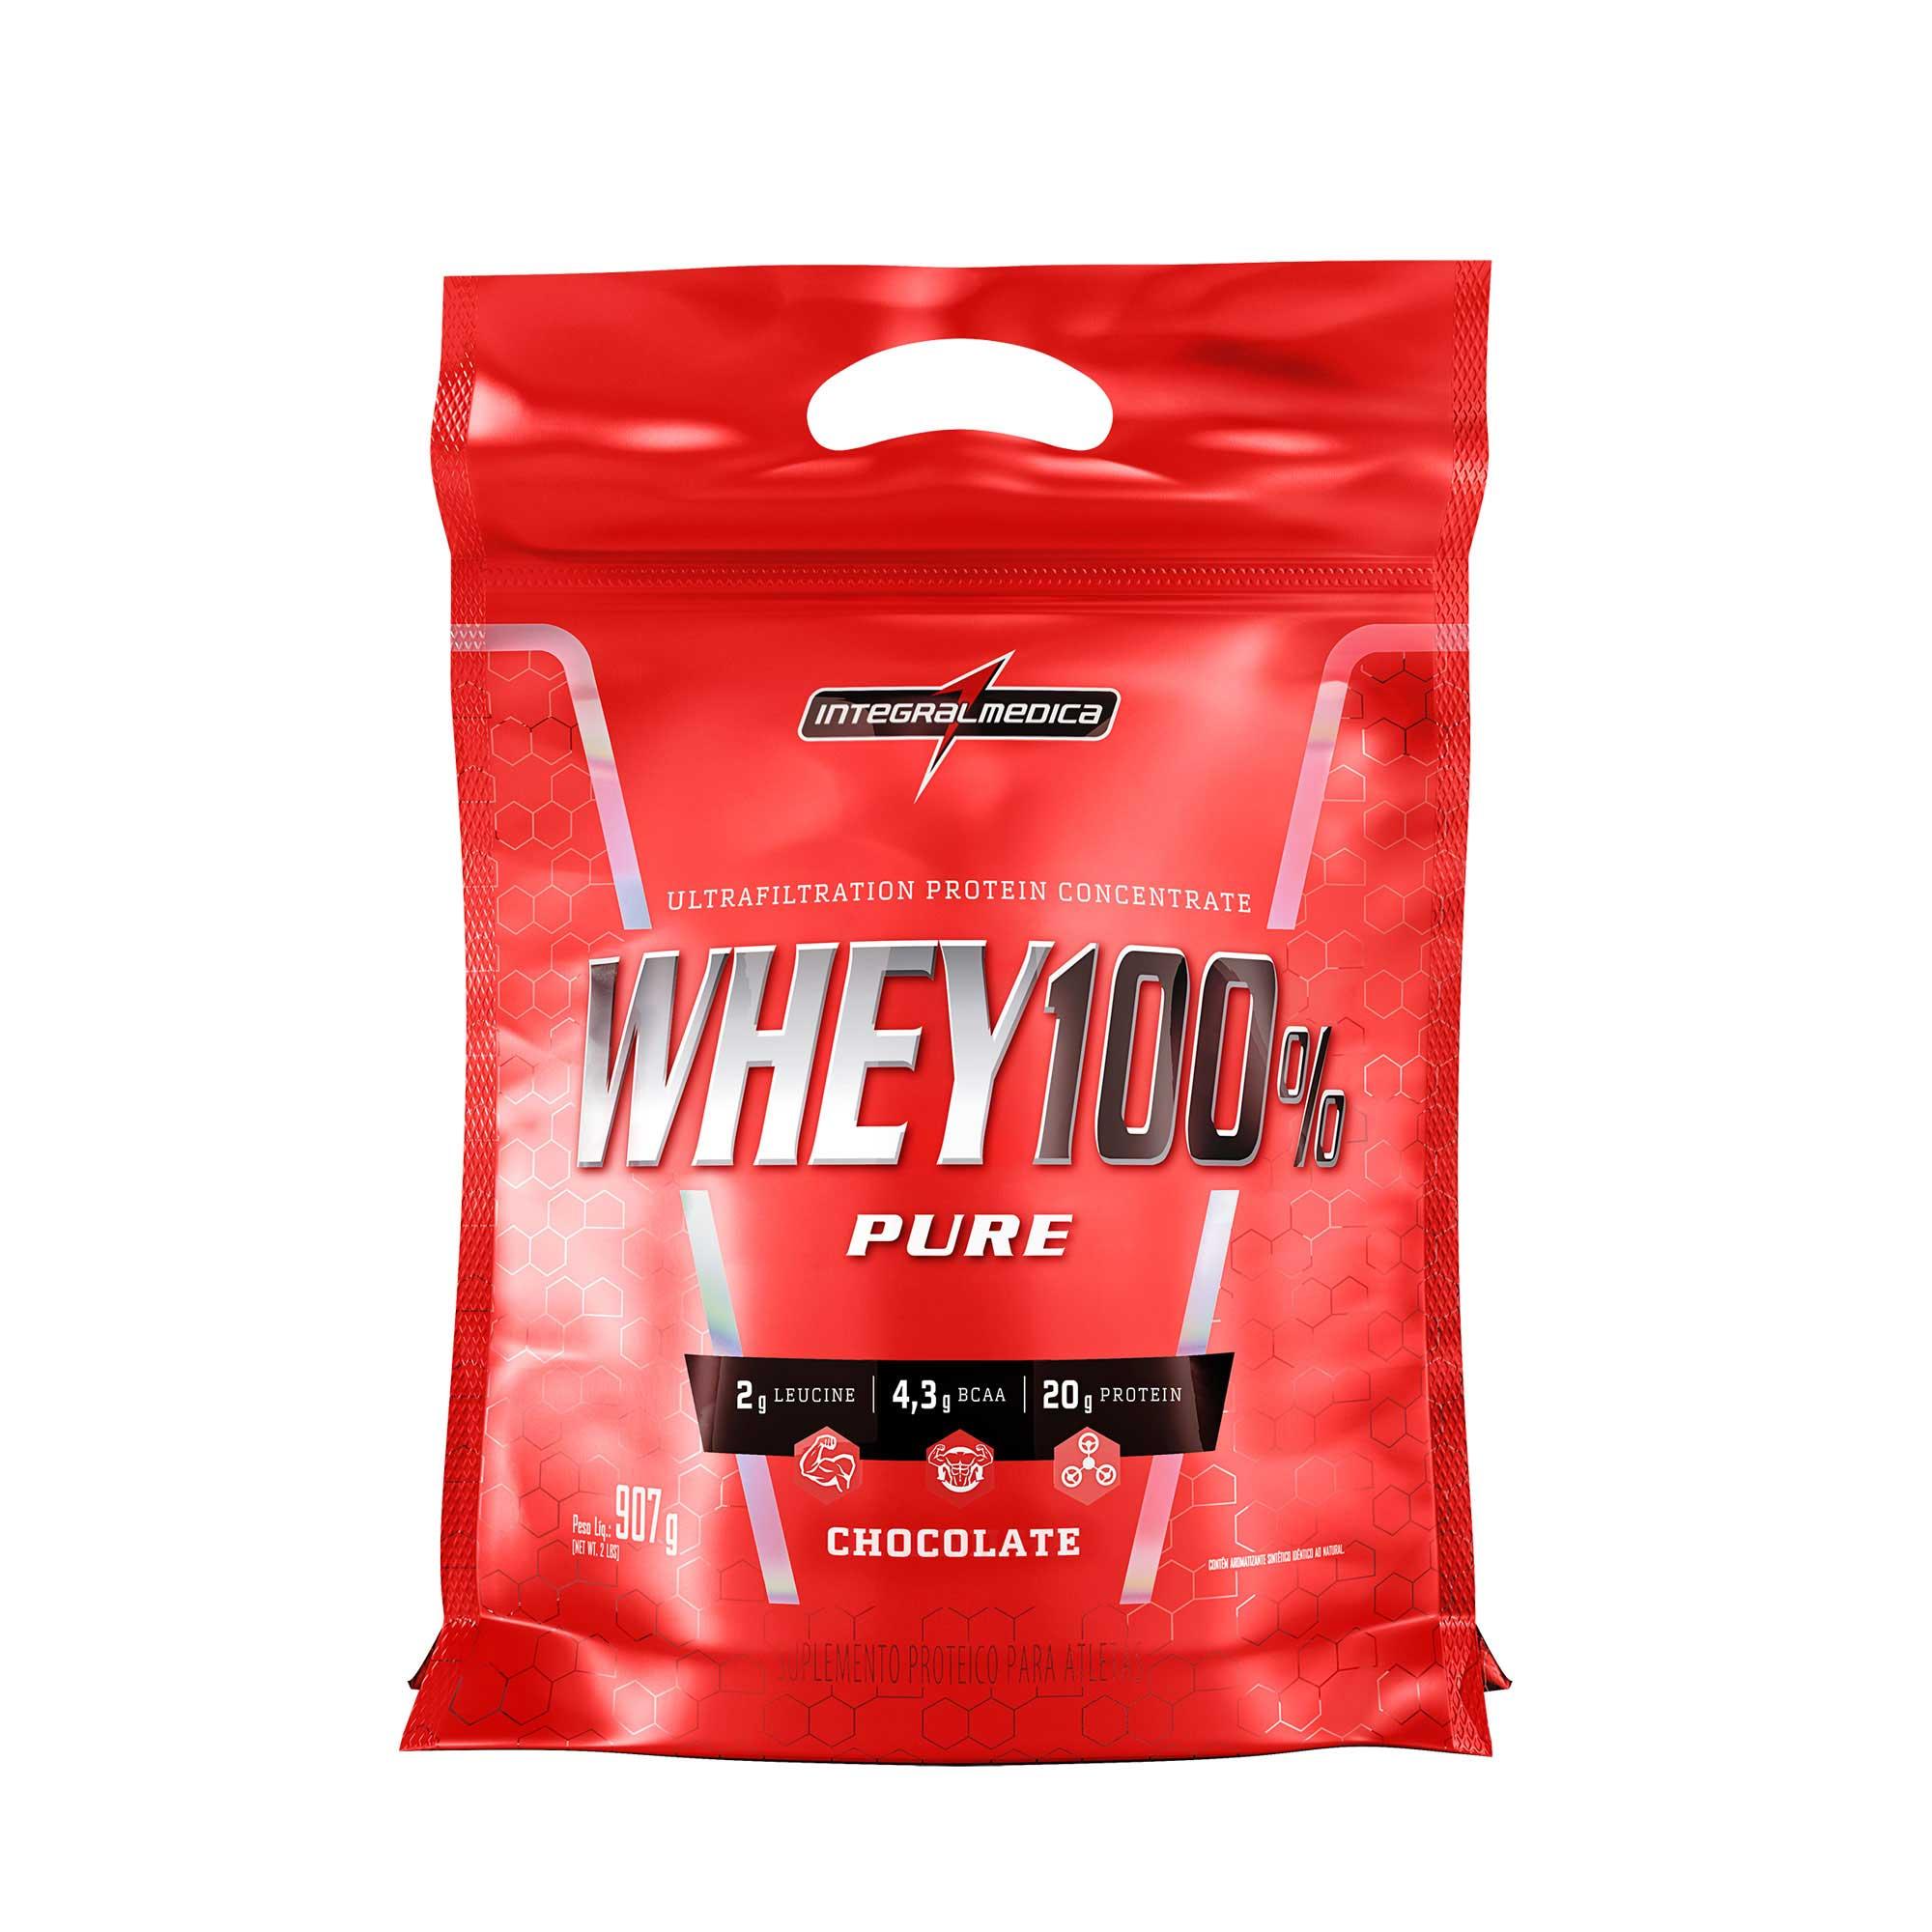 Whey 100% Pure Chocolate 907g Integralmedica